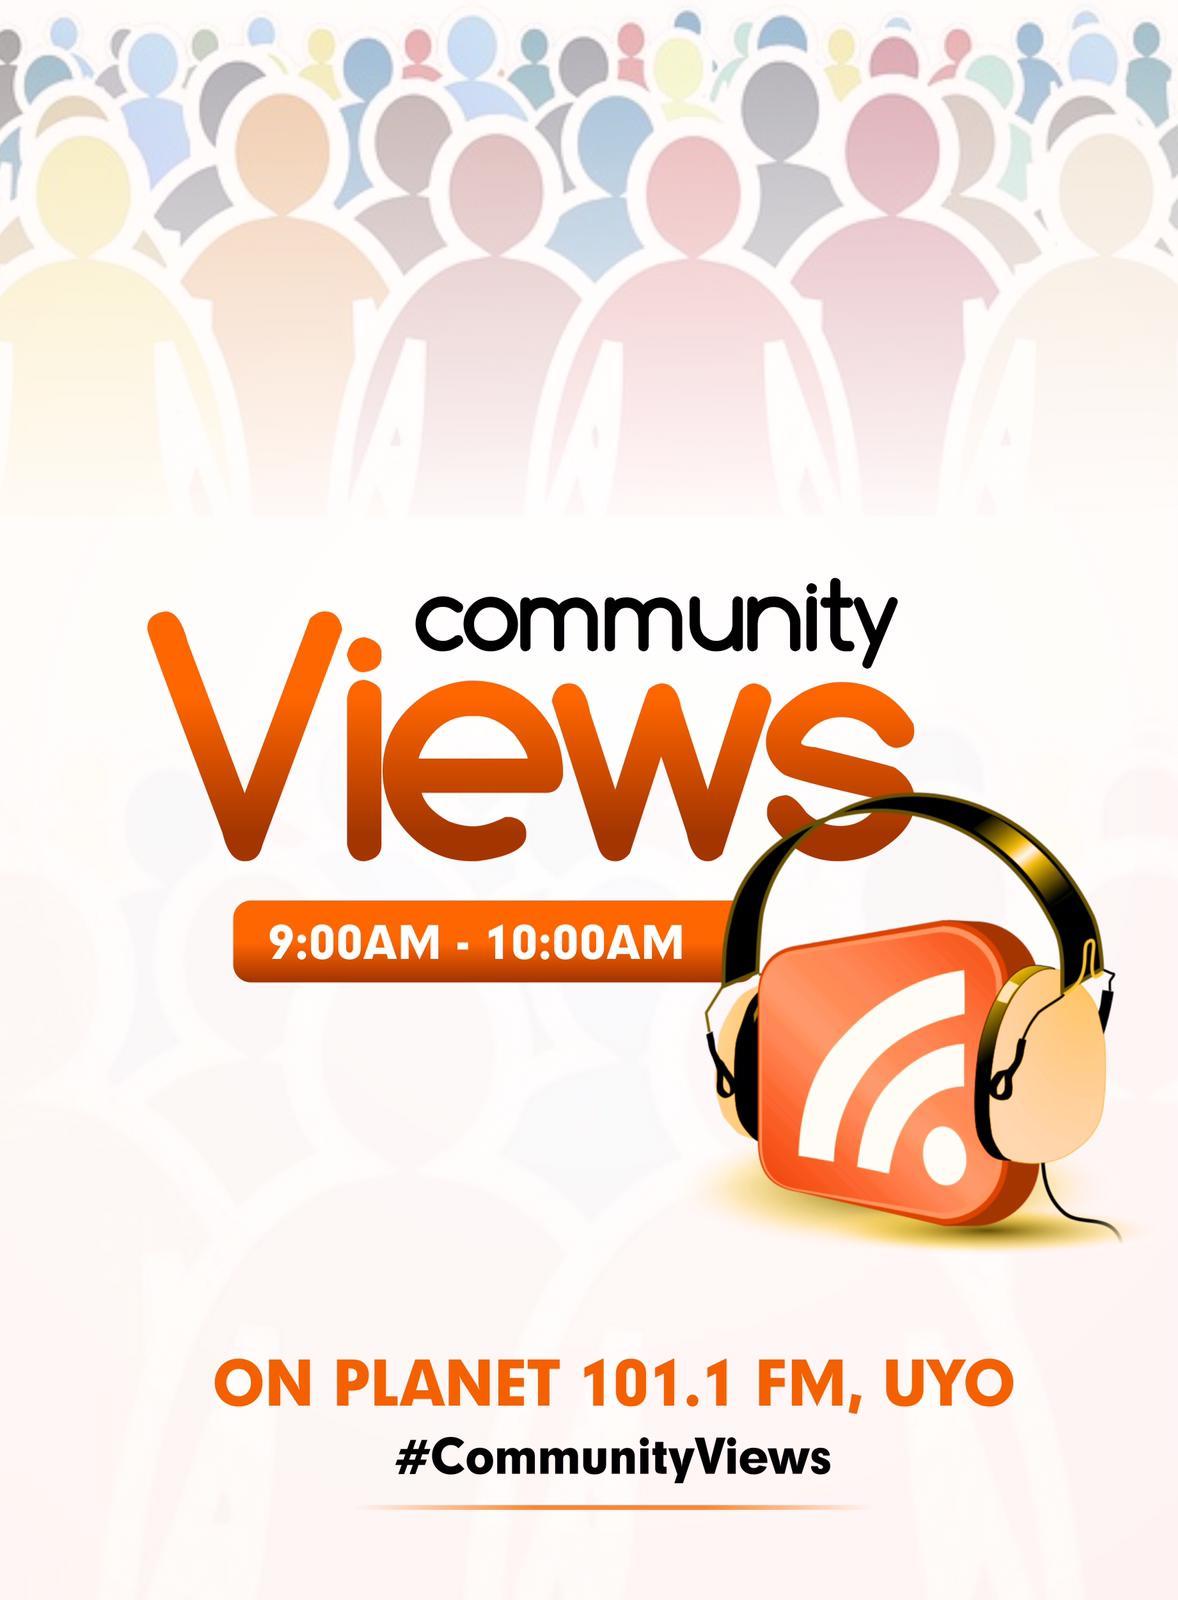 communityviews